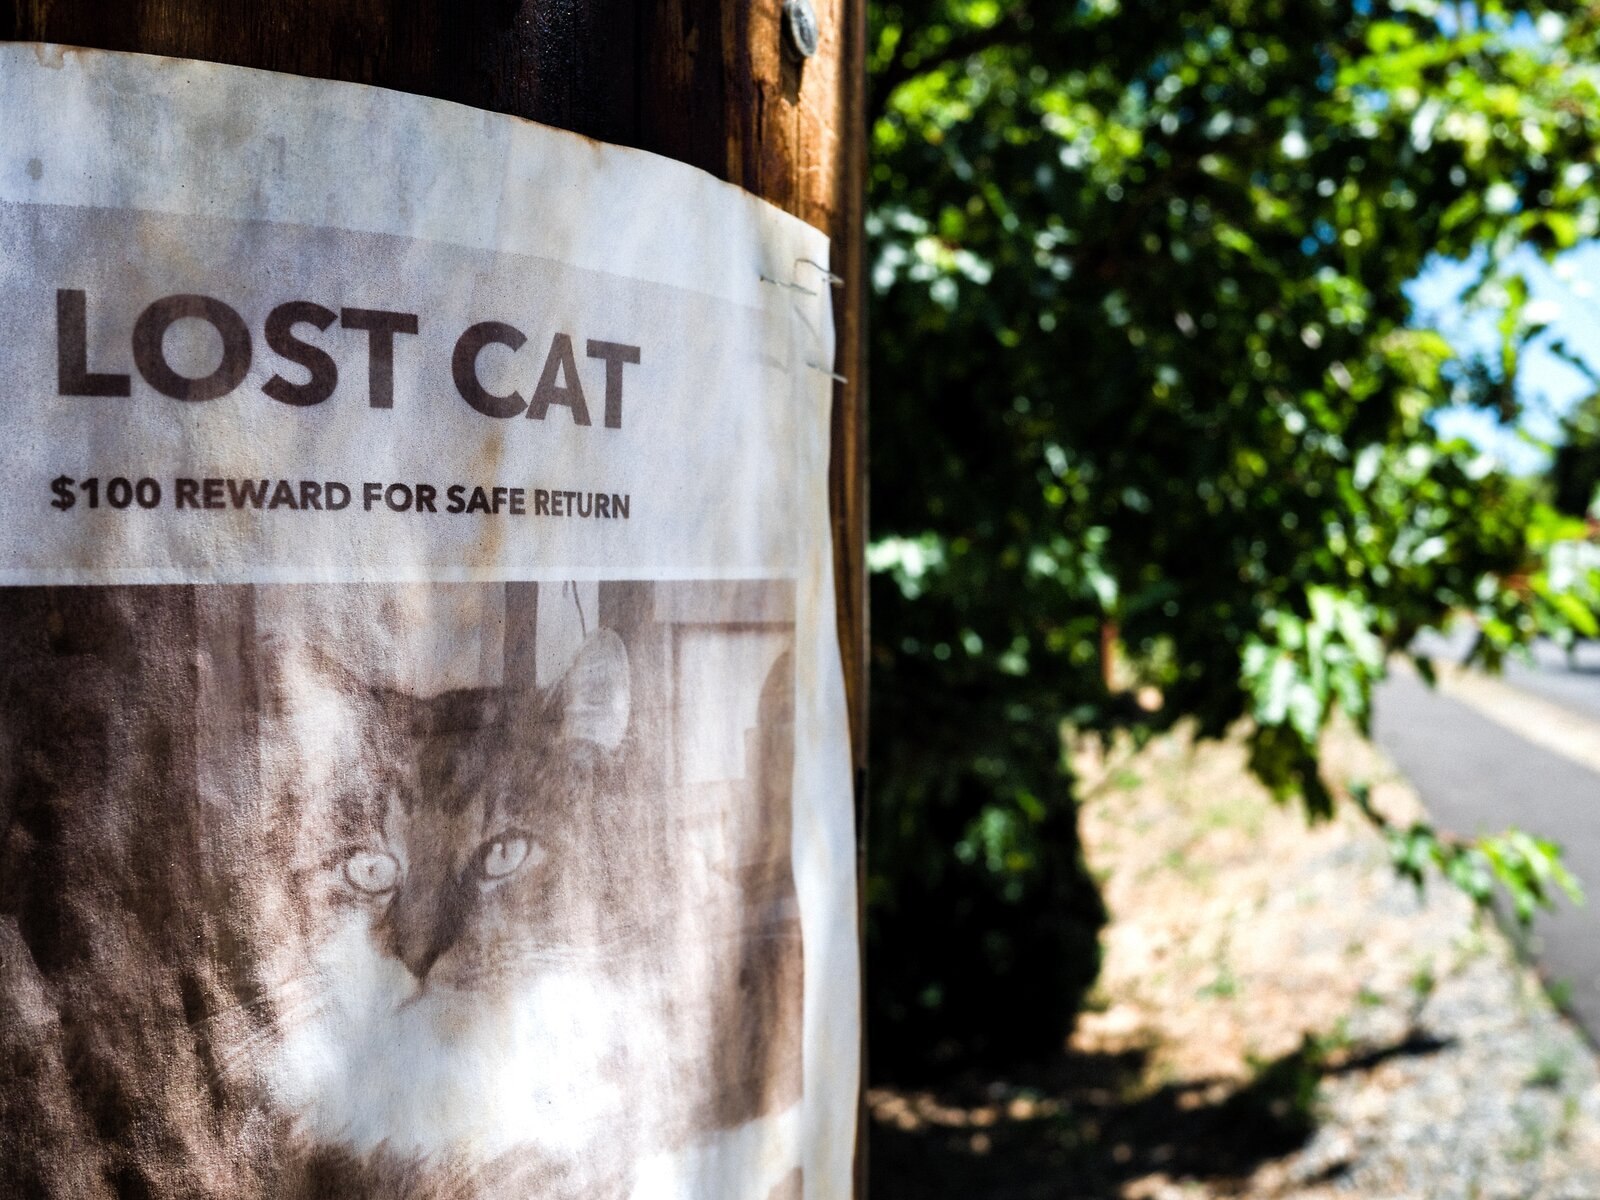 GX9_Jun23_21_Lost_Cat(superia).jpg